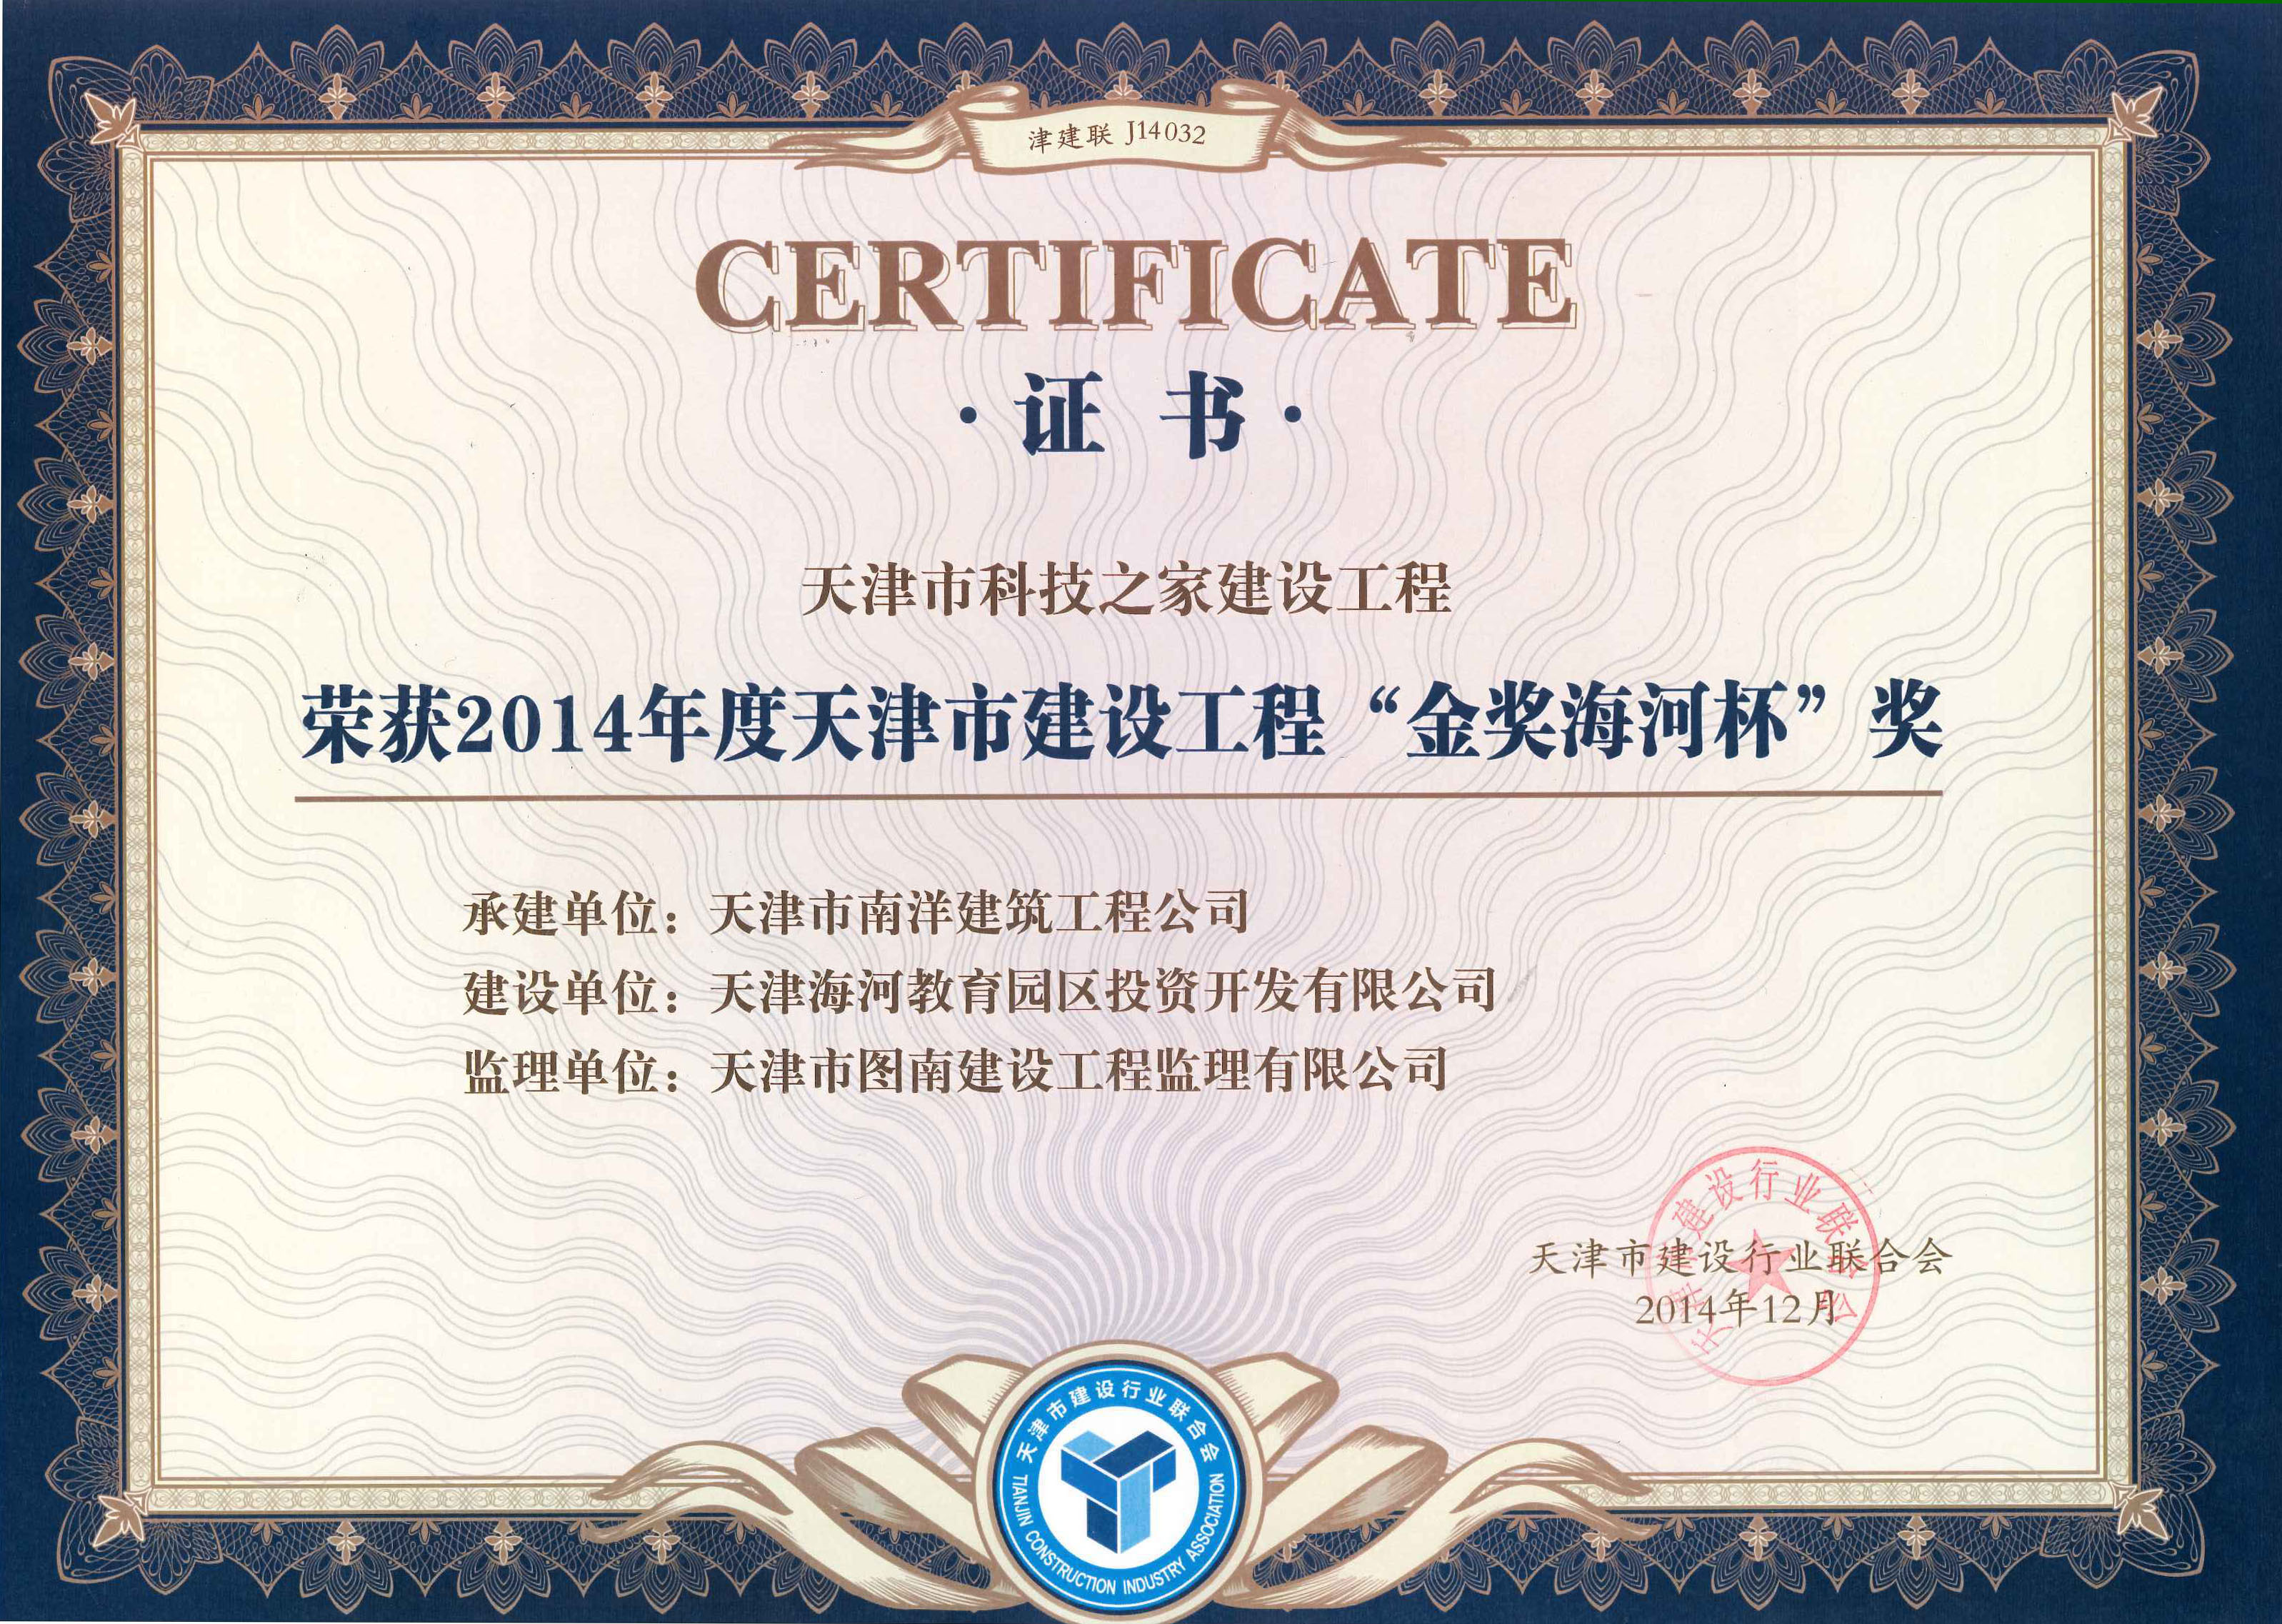 2014年科技之家荣获金奖海河杯奖